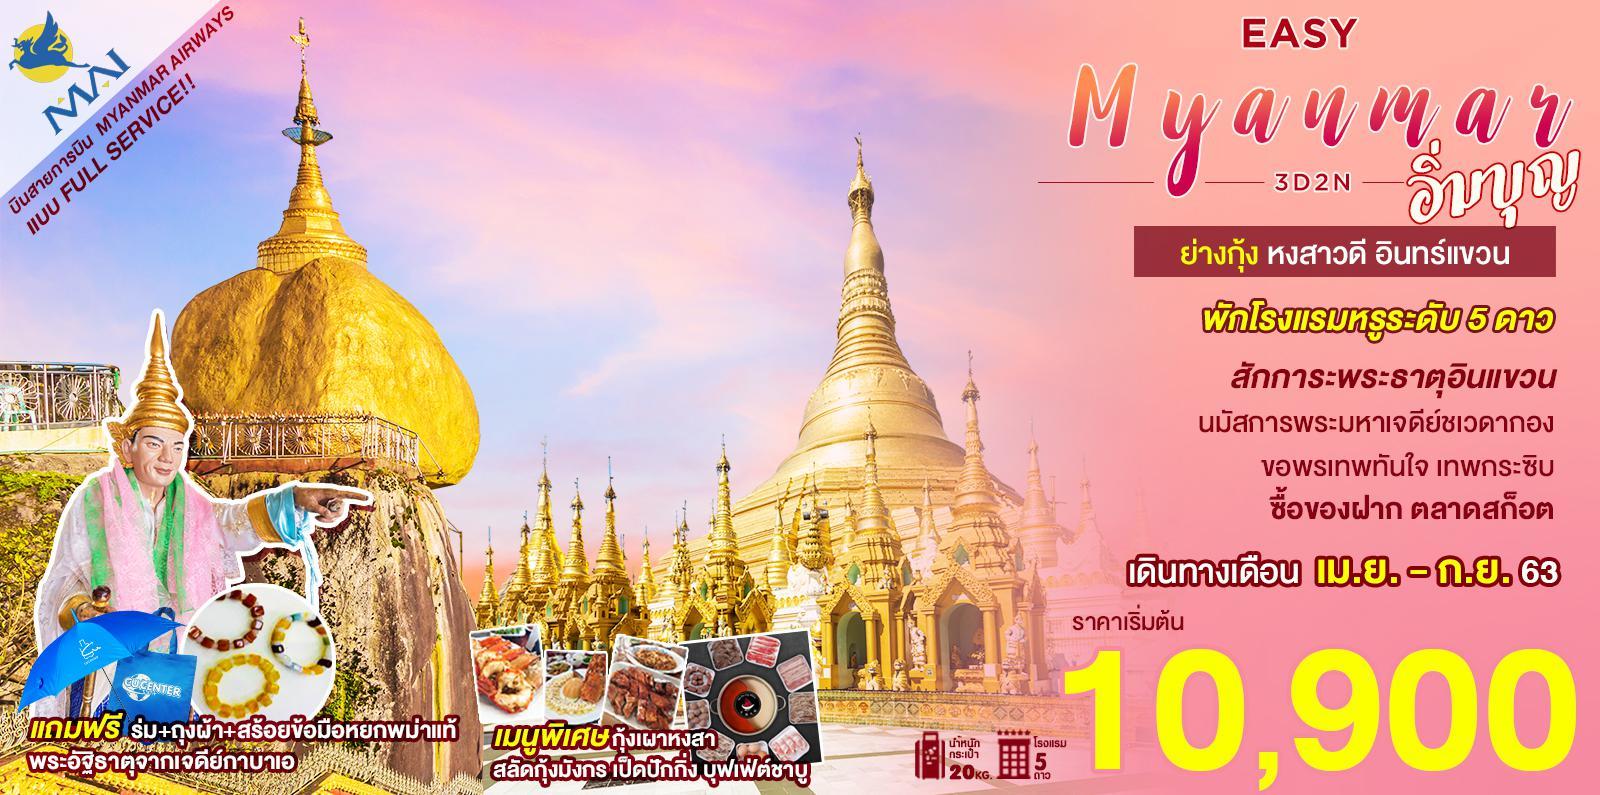 ทัวร์พม่า-EASY-MYANMAR-อิ่มบุญ-3D2N(APR-SEP20)(8M)